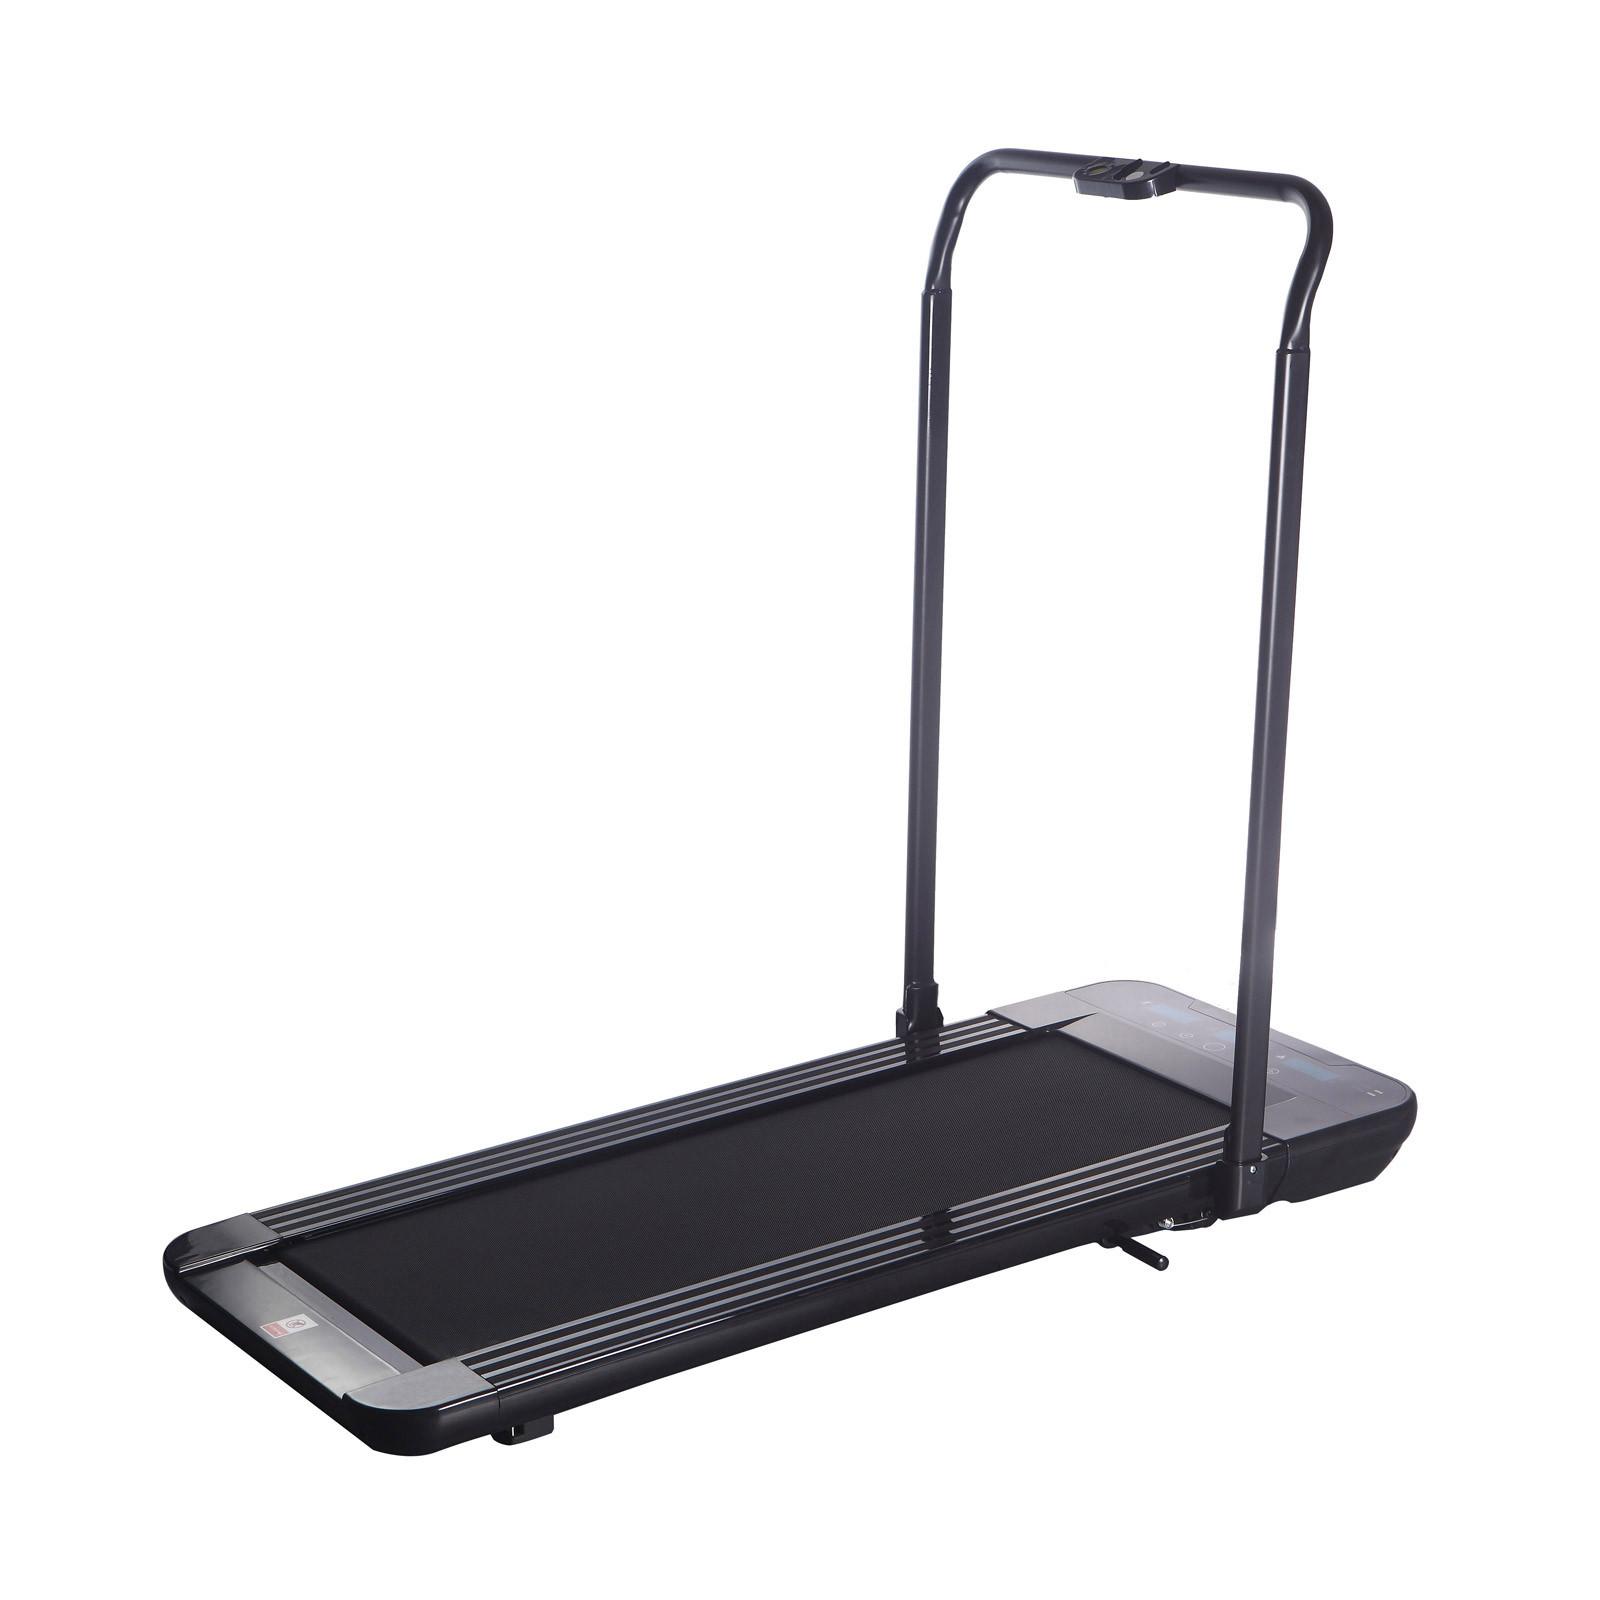 WalkSlim 570 Treadmill